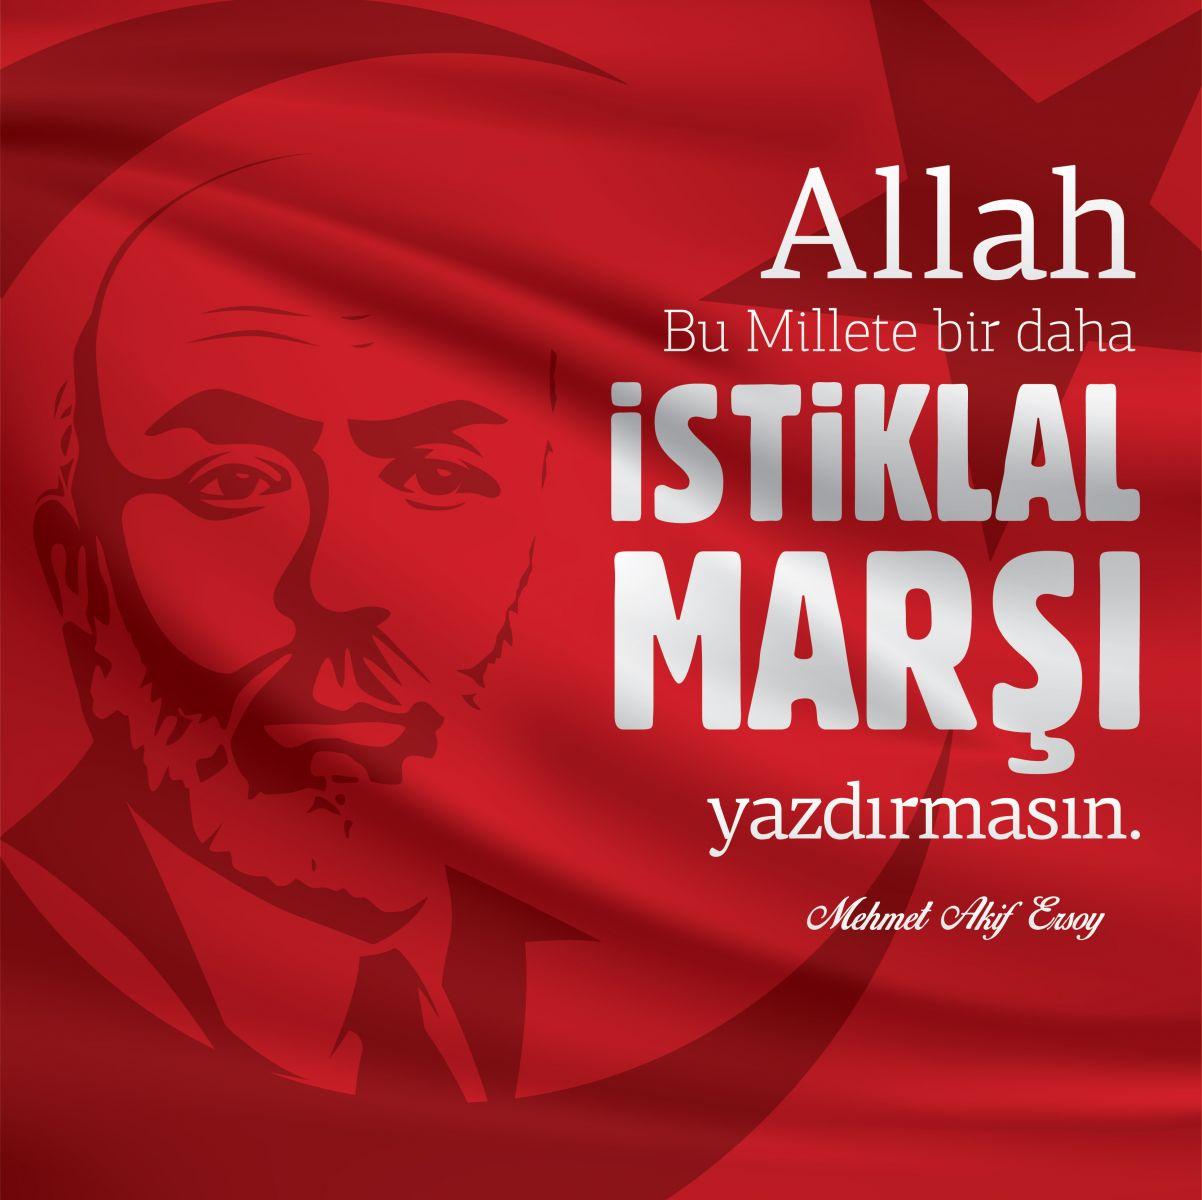 mehmet_akif_istiklal_marsi_271216.jpg